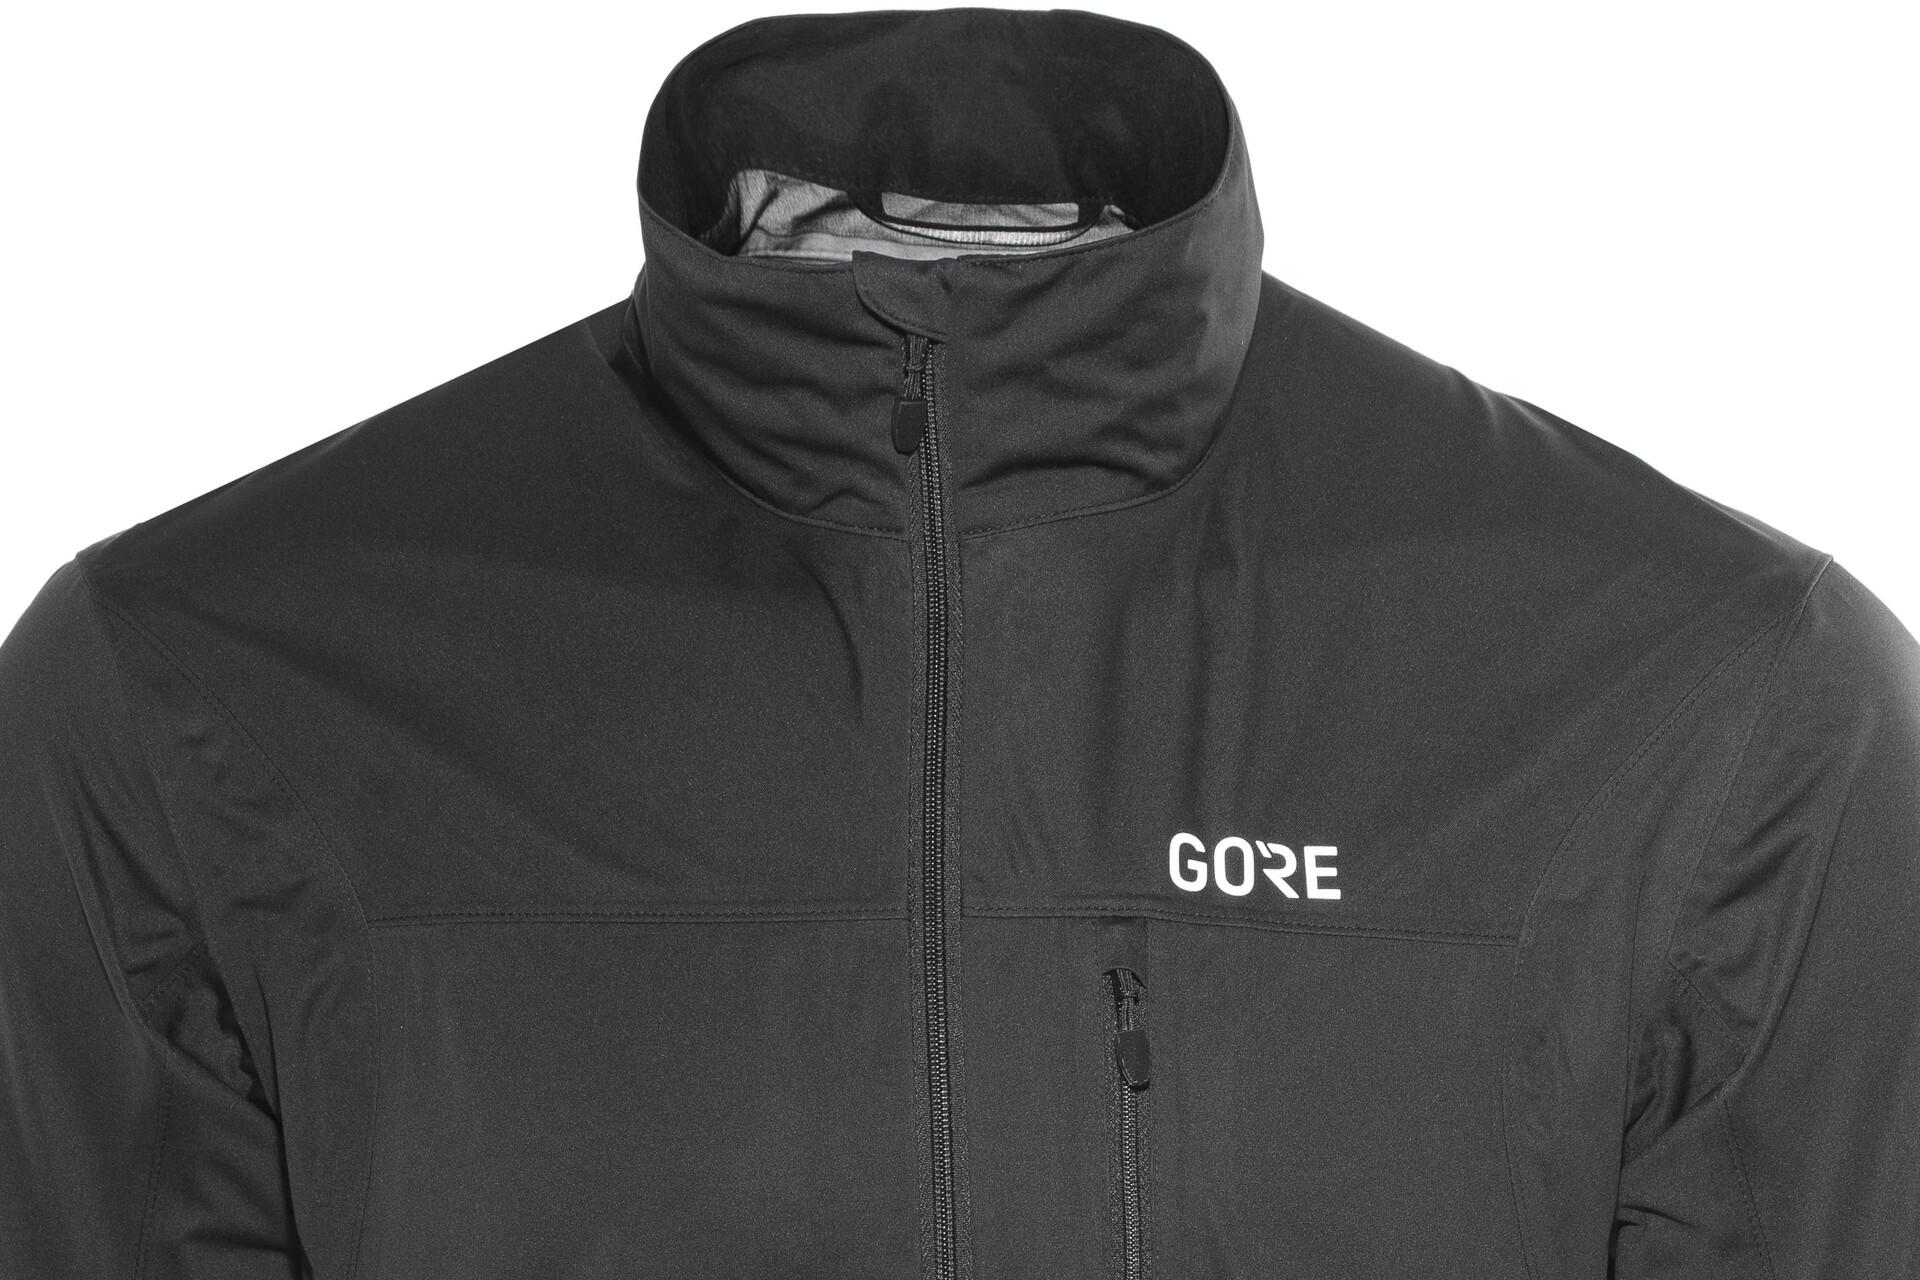 En Homme Noir Wear Vélos De Boutique C3 Tex Gore Veste IF7xnWFwzq